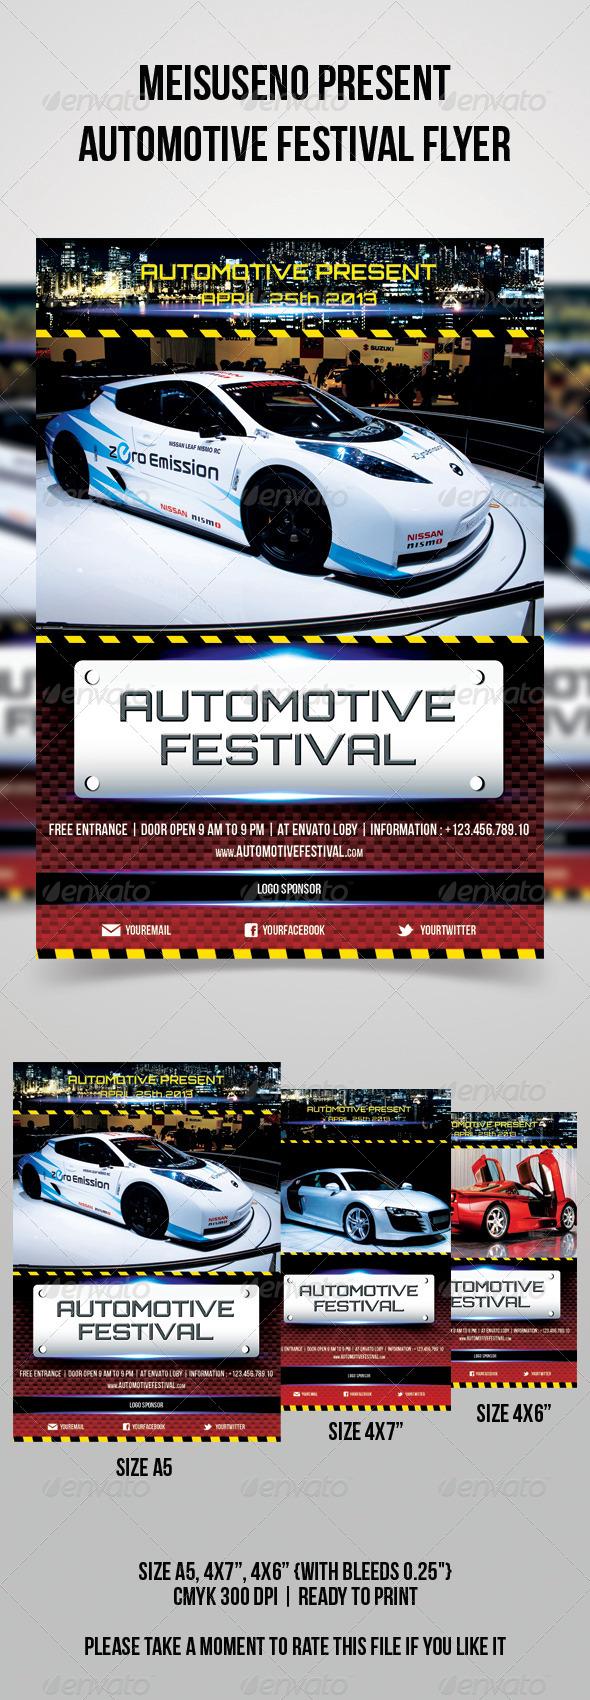 GraphicRiver Automotive Festival Flyer 4463404